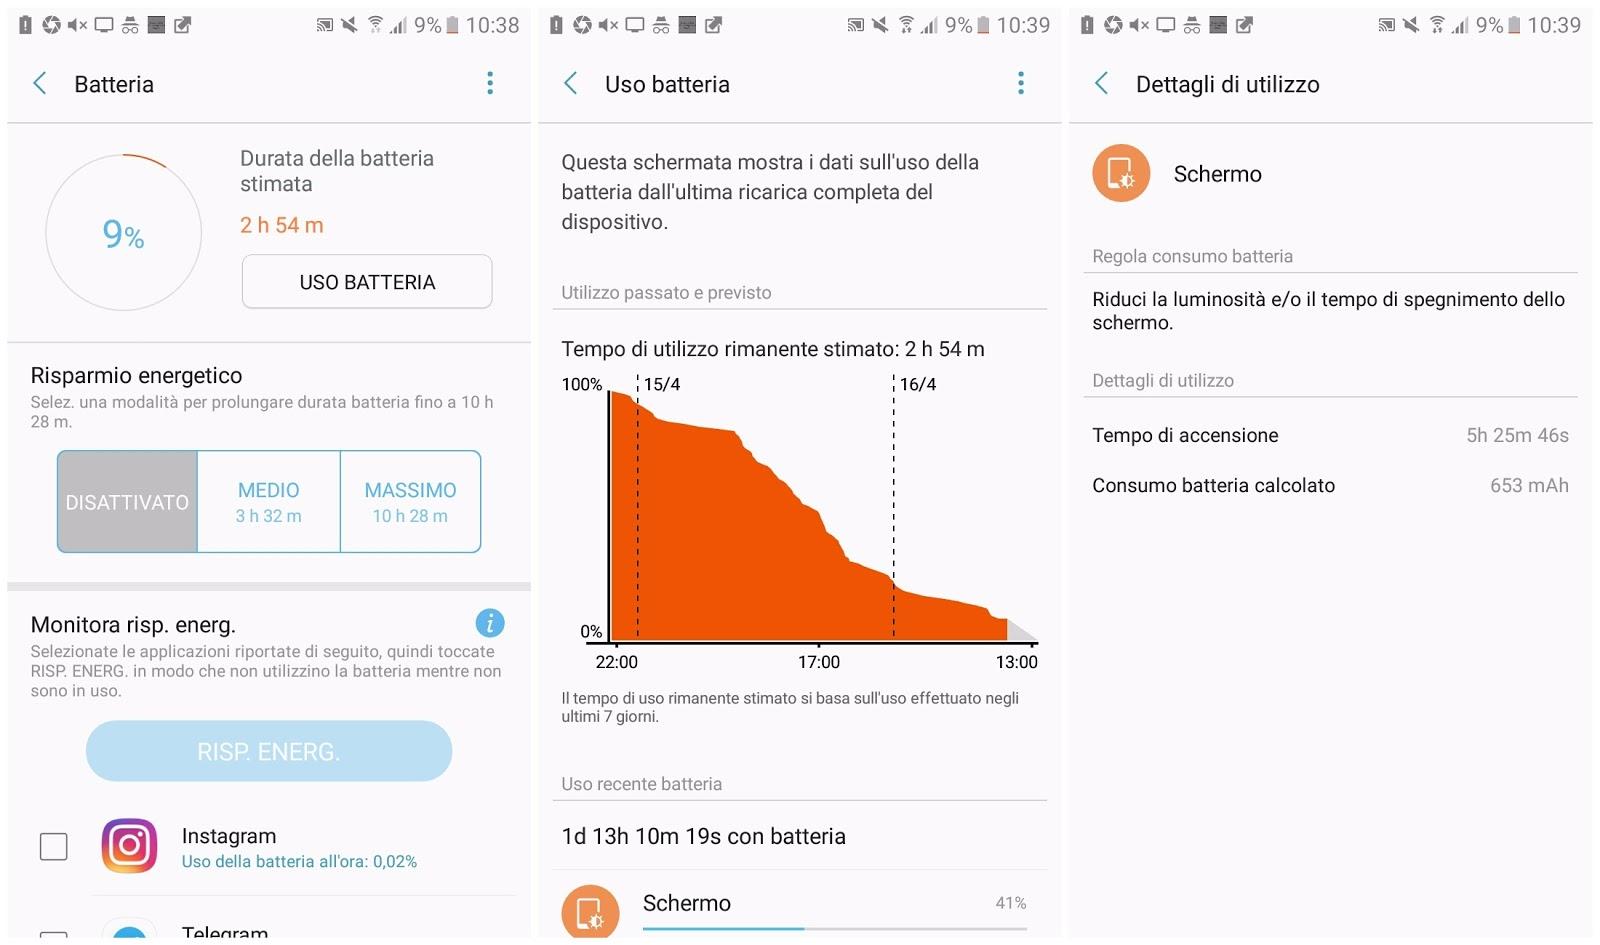 IL BLOG DI ALESSIO FASANO Recensione Samsung Galaxy A3 2017